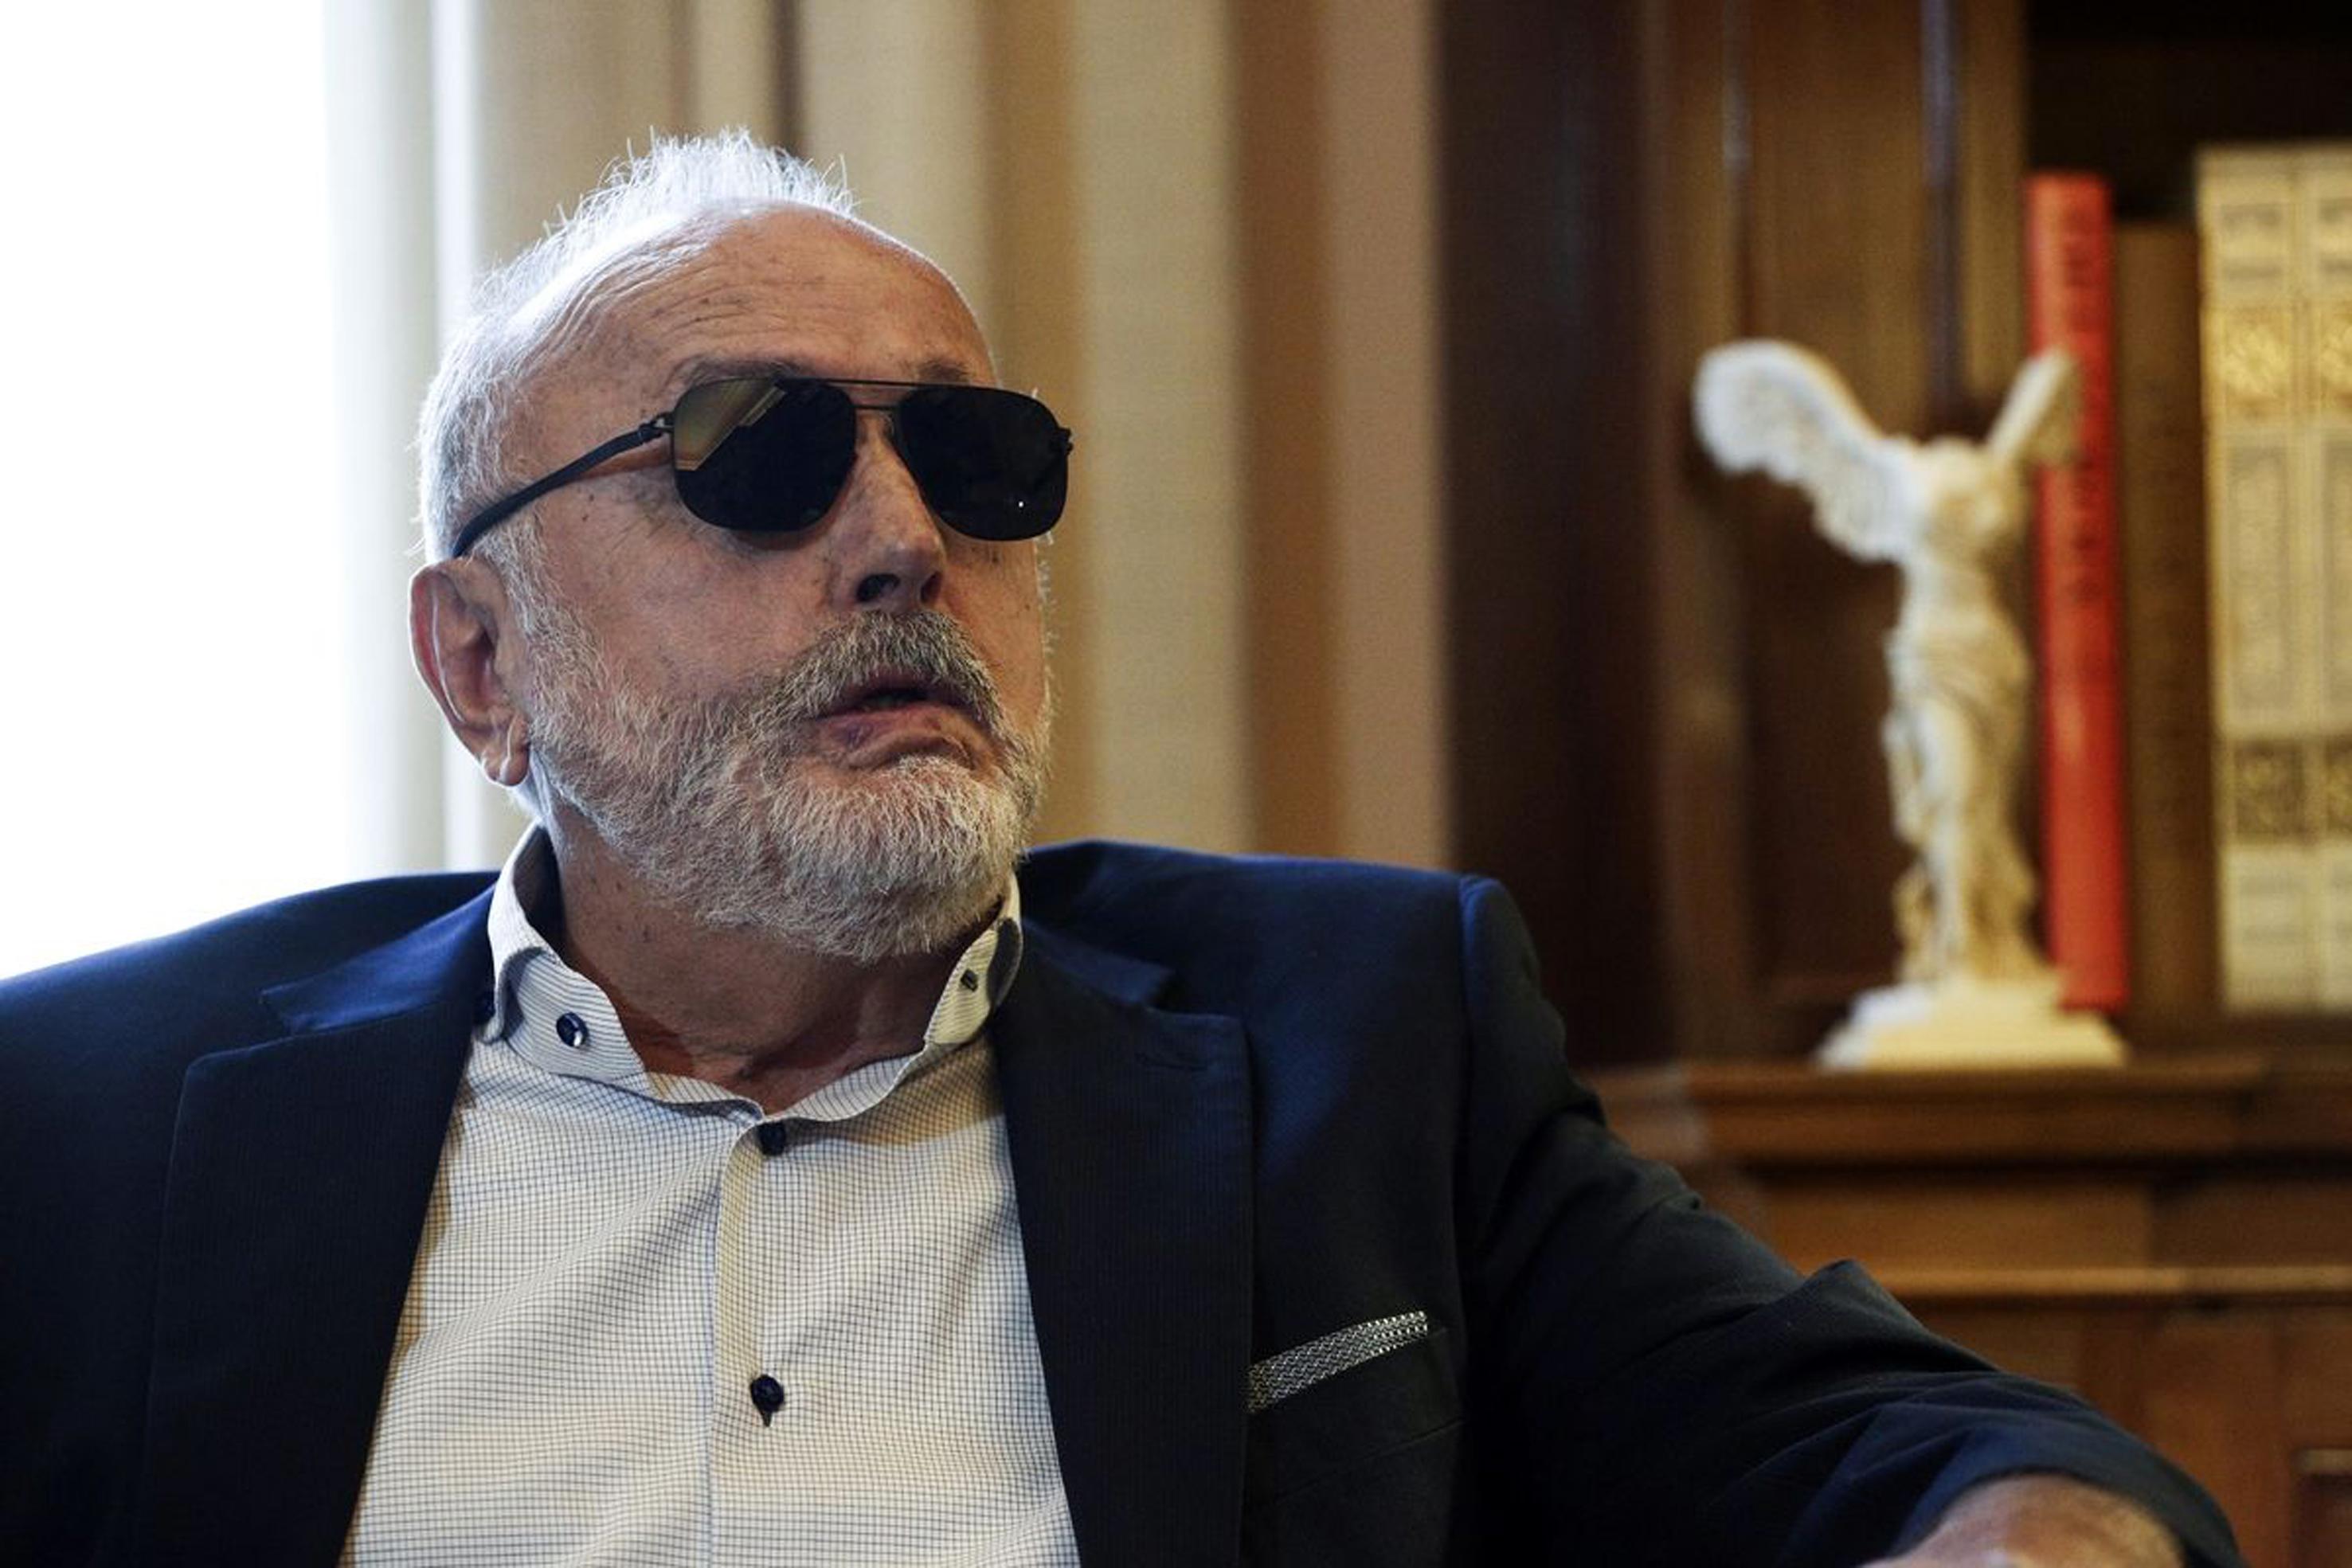 Π. Κουρουμπλής: «Πολύ σύντομα το στρατό της Βόρειας Μακεδονίας θα τον εκπαιδεύει ο δικός μας ο στρατός»